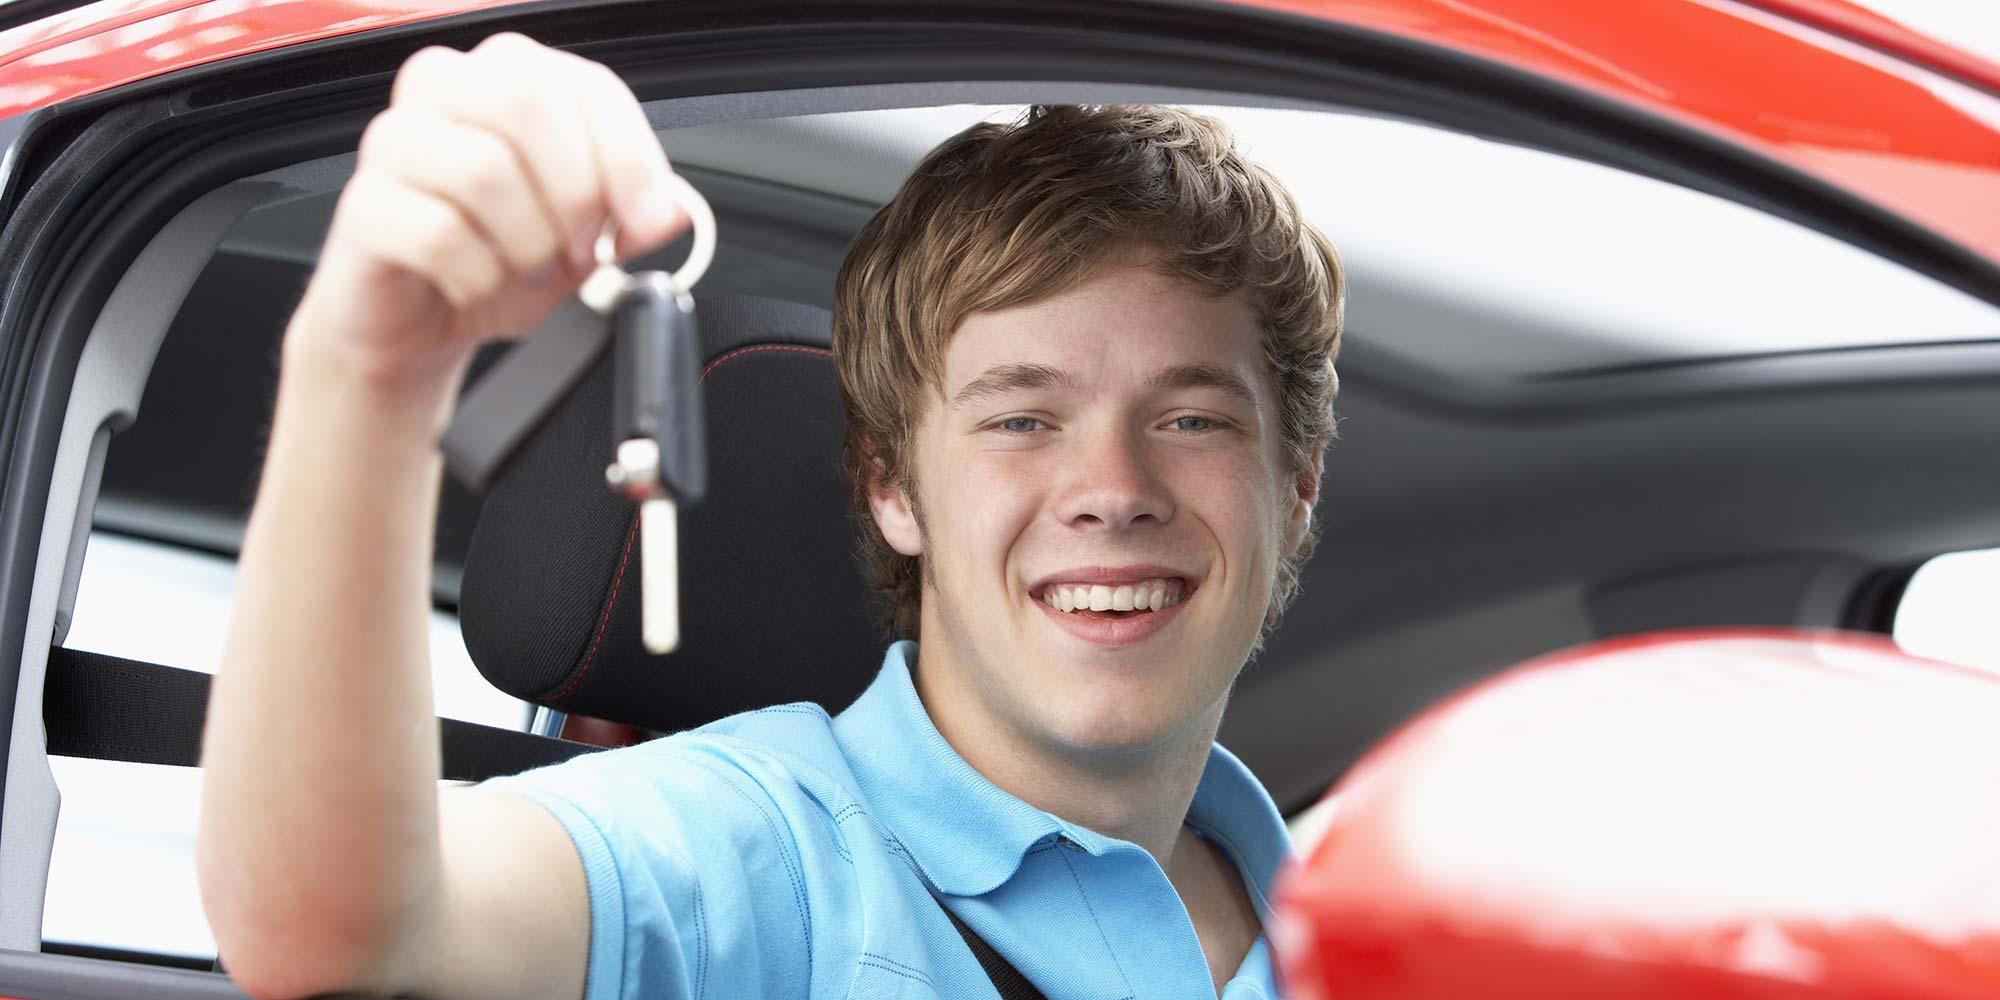 Teenage boy holding car keys sitting in car